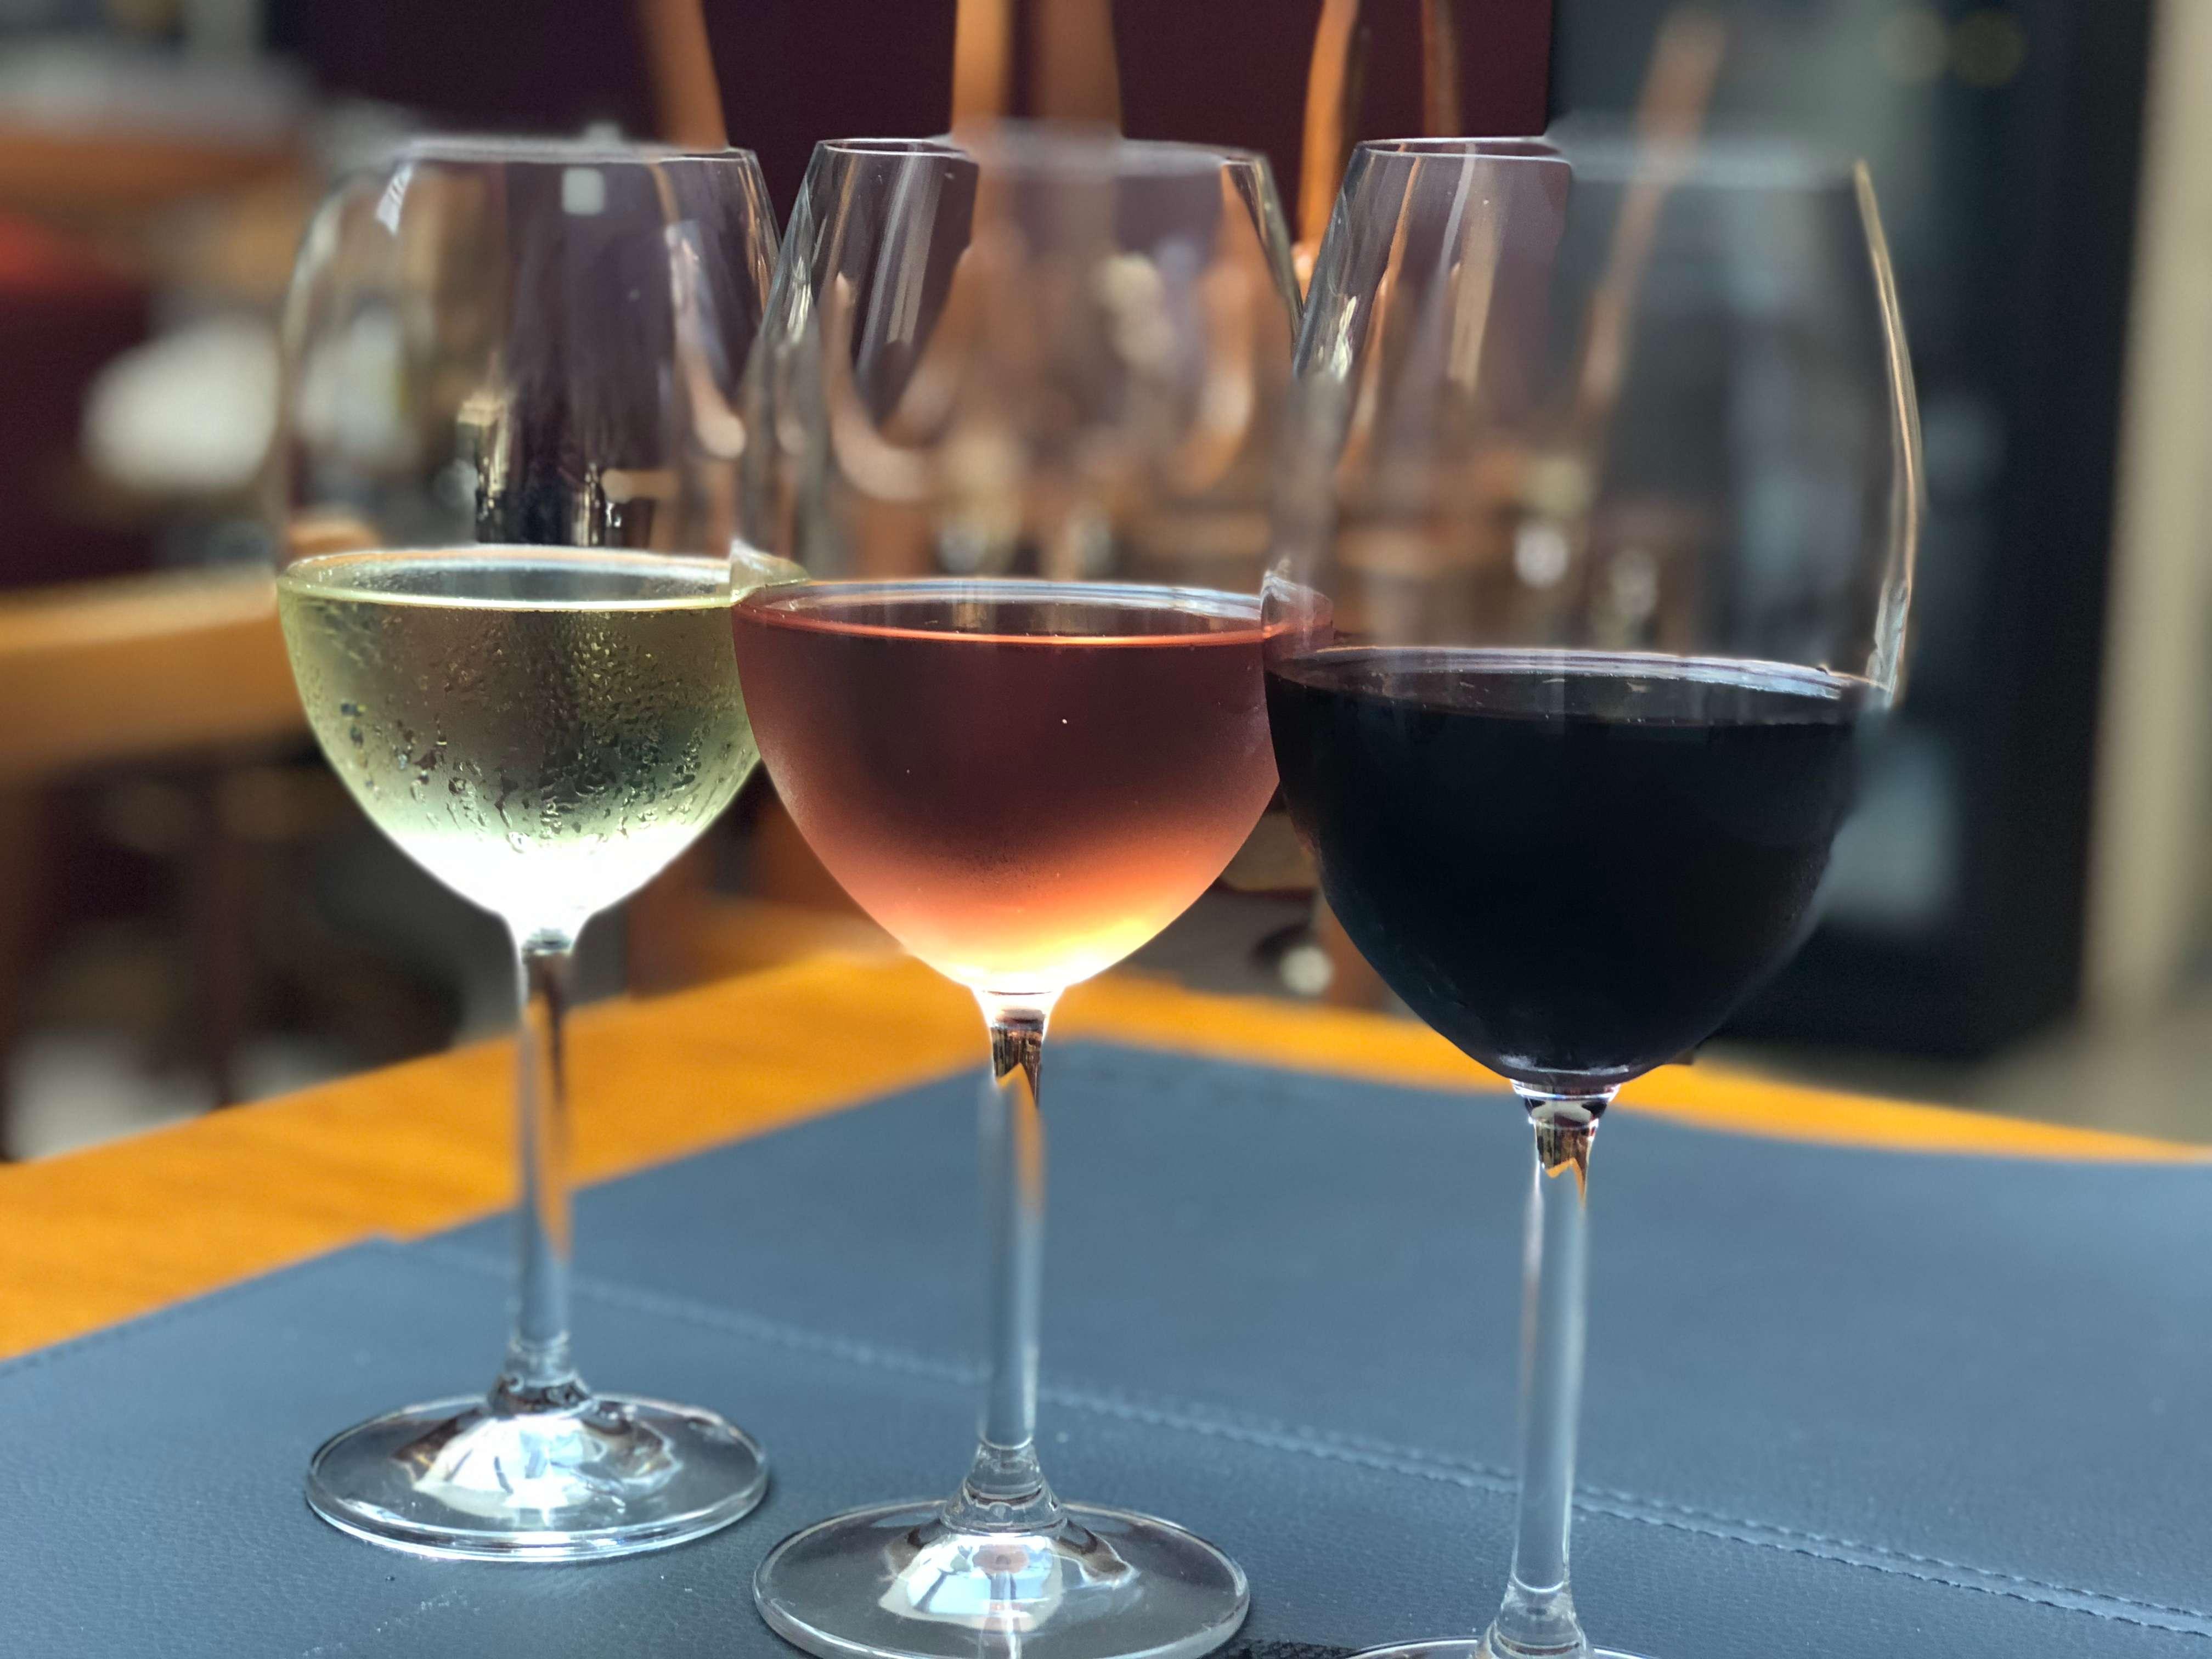 Promo de drinks e vinhos no Sette PastaBar!